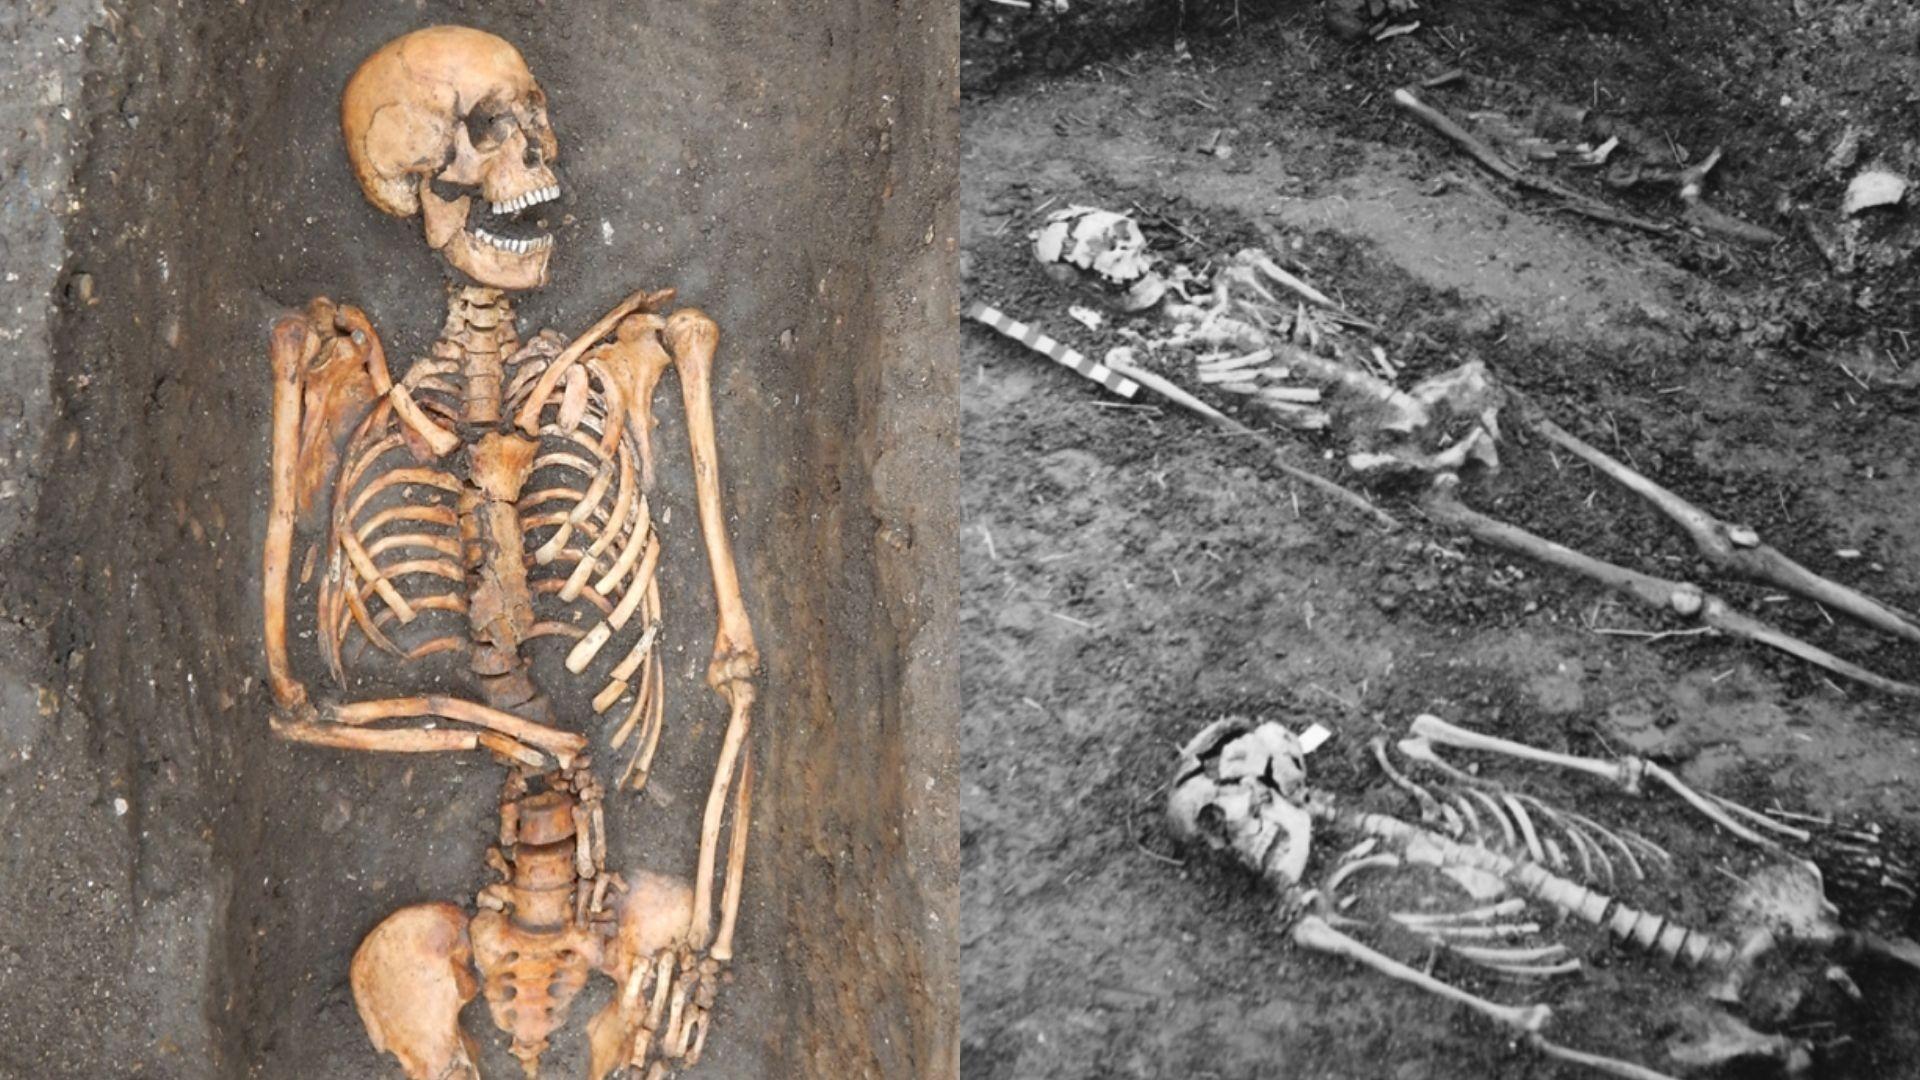 Esqueletos de pessoas que morreram de peste bubônica provenientes de sepultamentos em Cambridge, na Inglaterra (Foto: Cessford et.al /Cambridge Core )